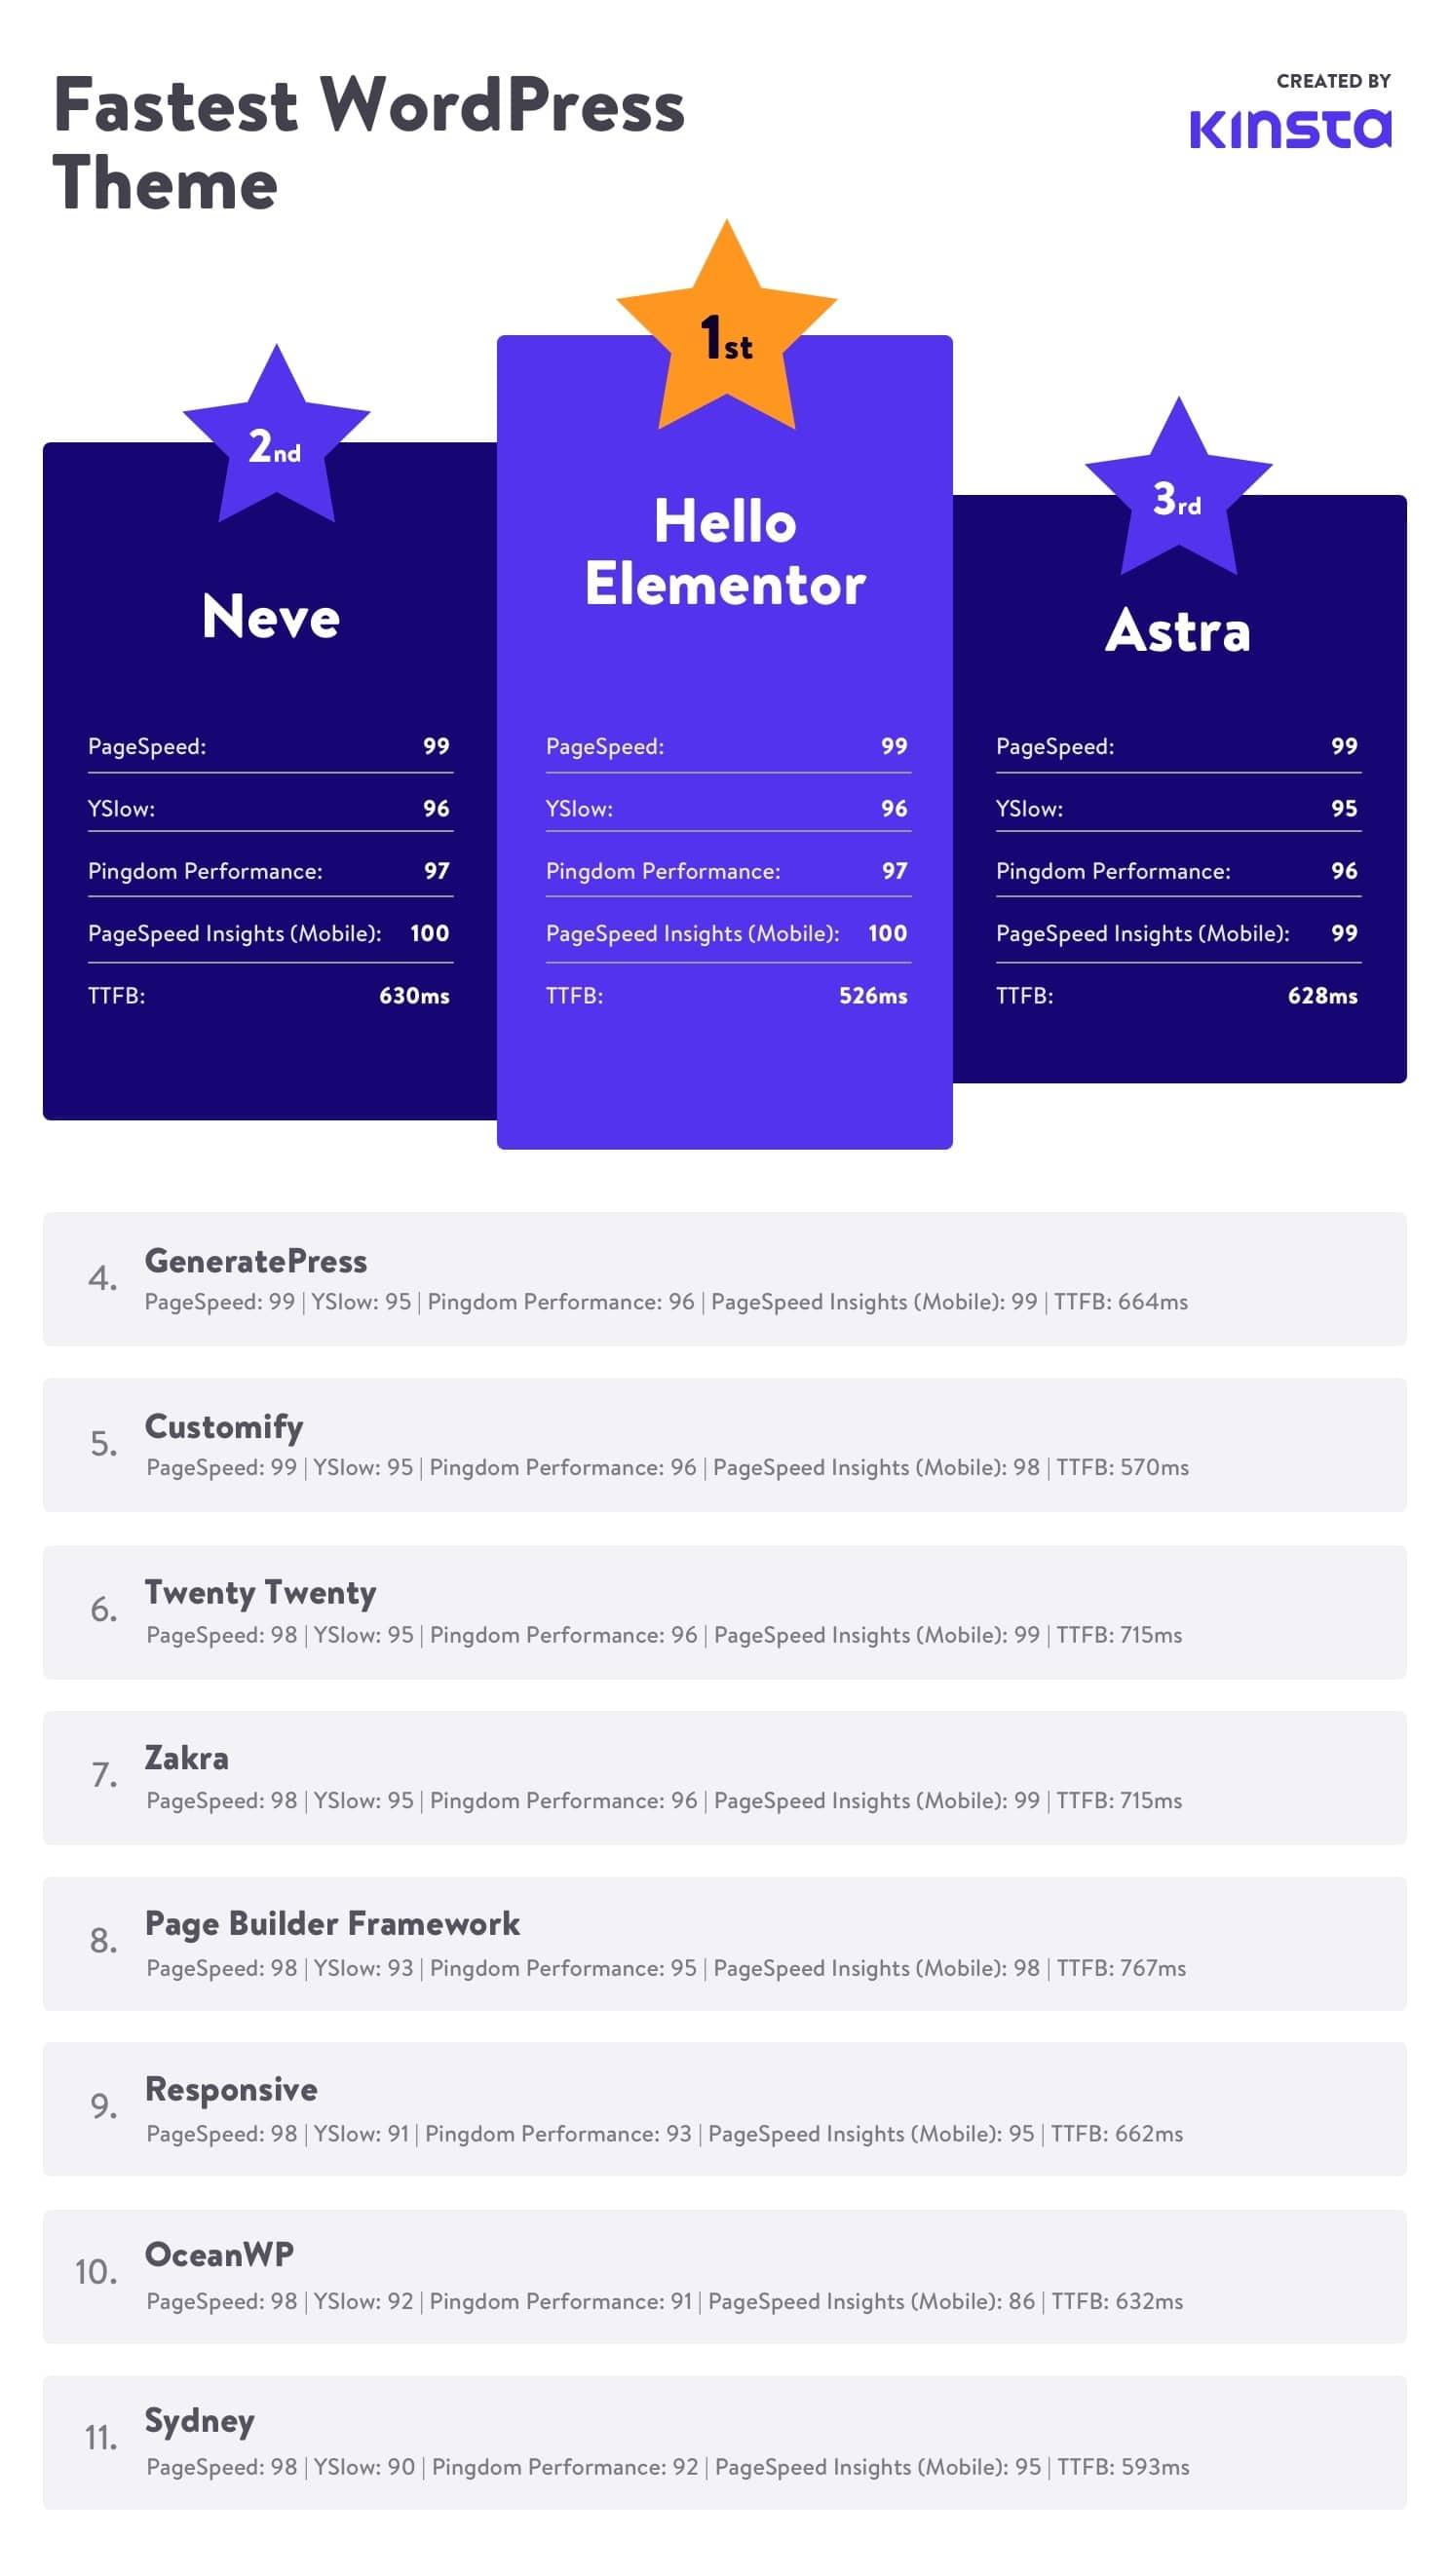 fastest WordPress theme